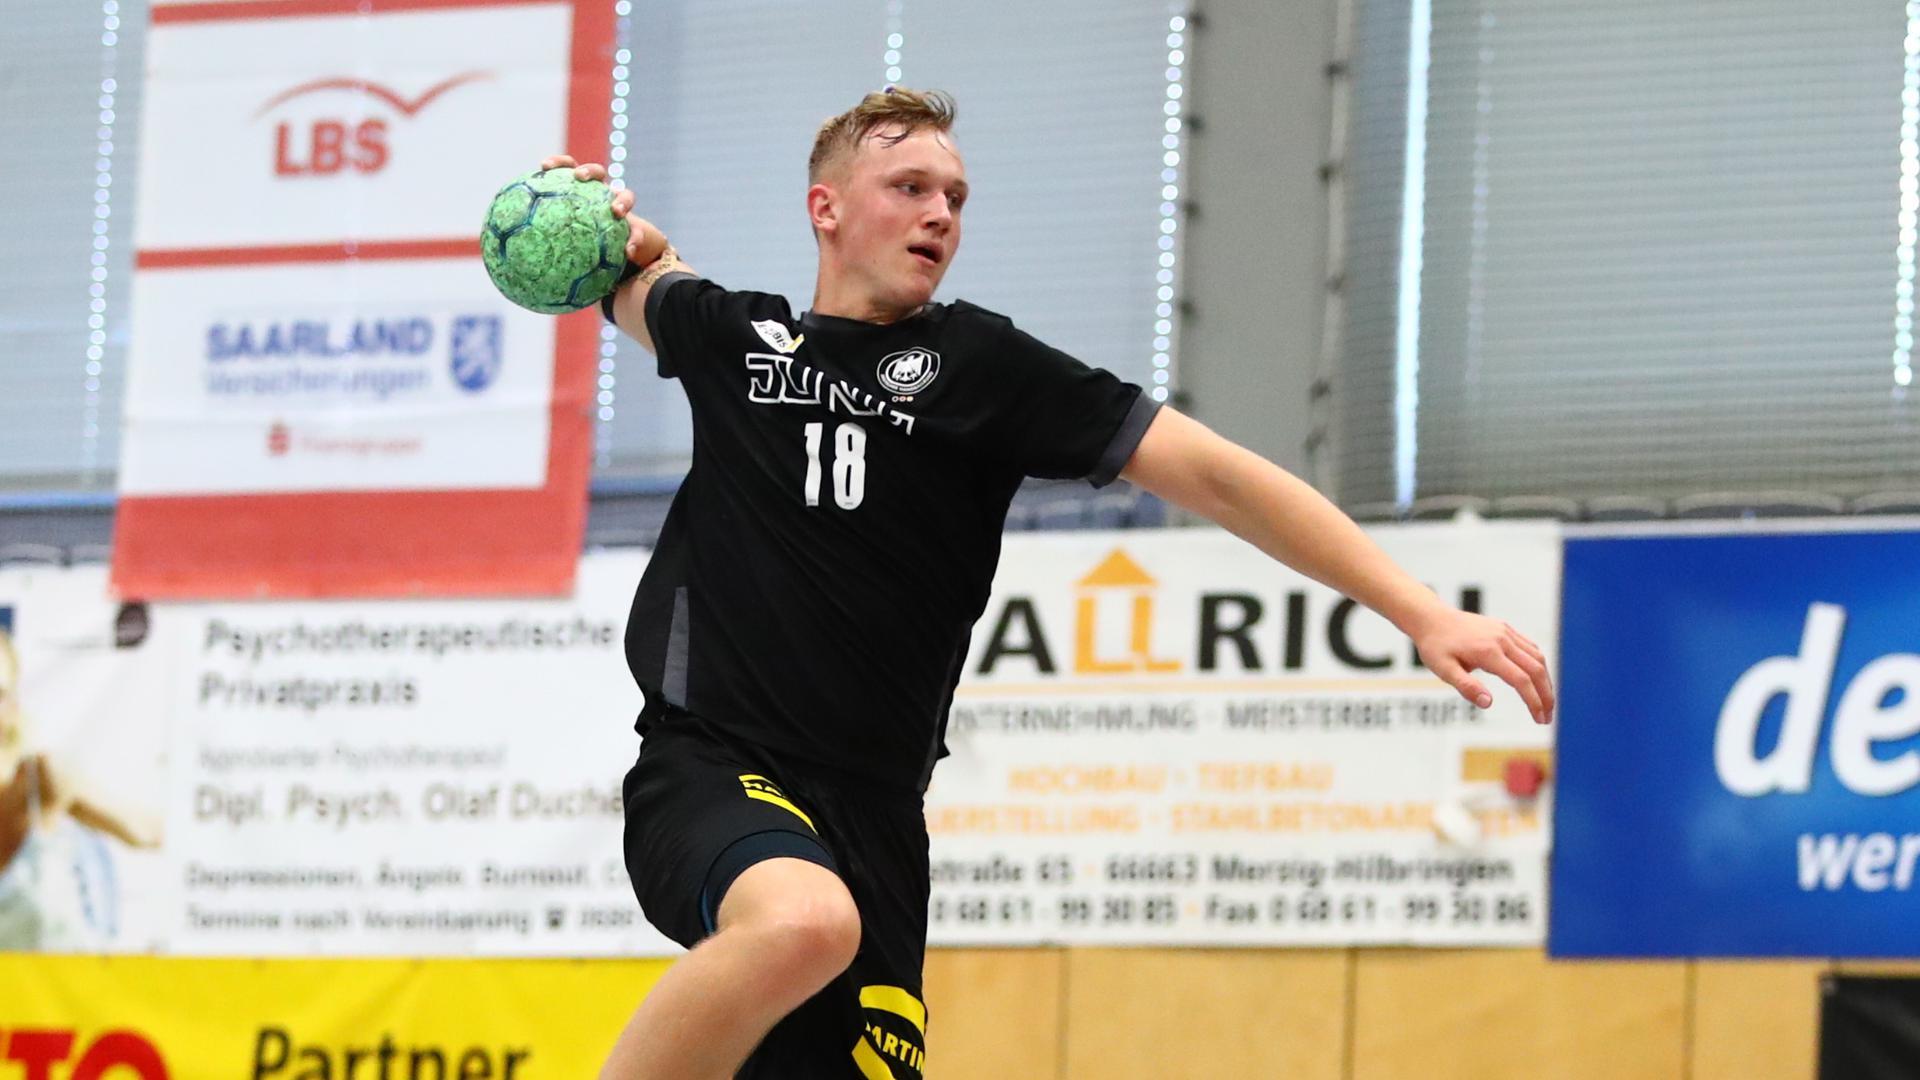 Voll fokussiert: Nico Schöttle ist mit der U19-Auswahl des Deutschen Handball-Bundes (DHB) in die Hauptrunde der Europameisterschaft eingezogen.